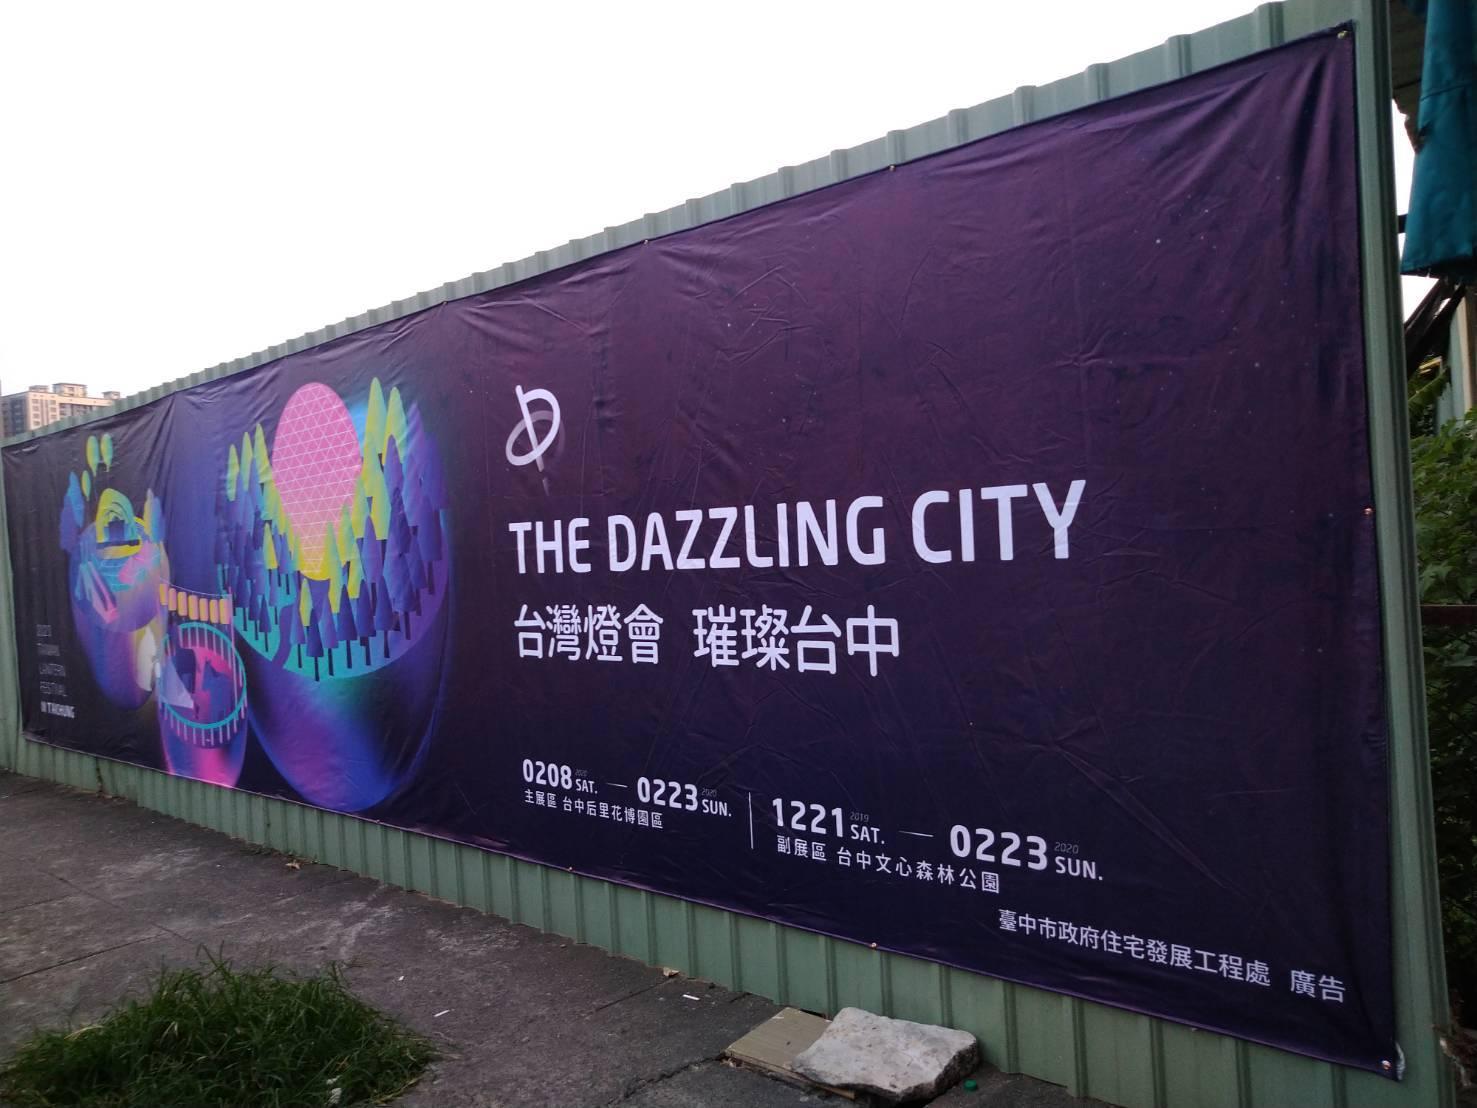 建設公司主動響應宣傳 台灣燈會廣告現身53處中市建築工地